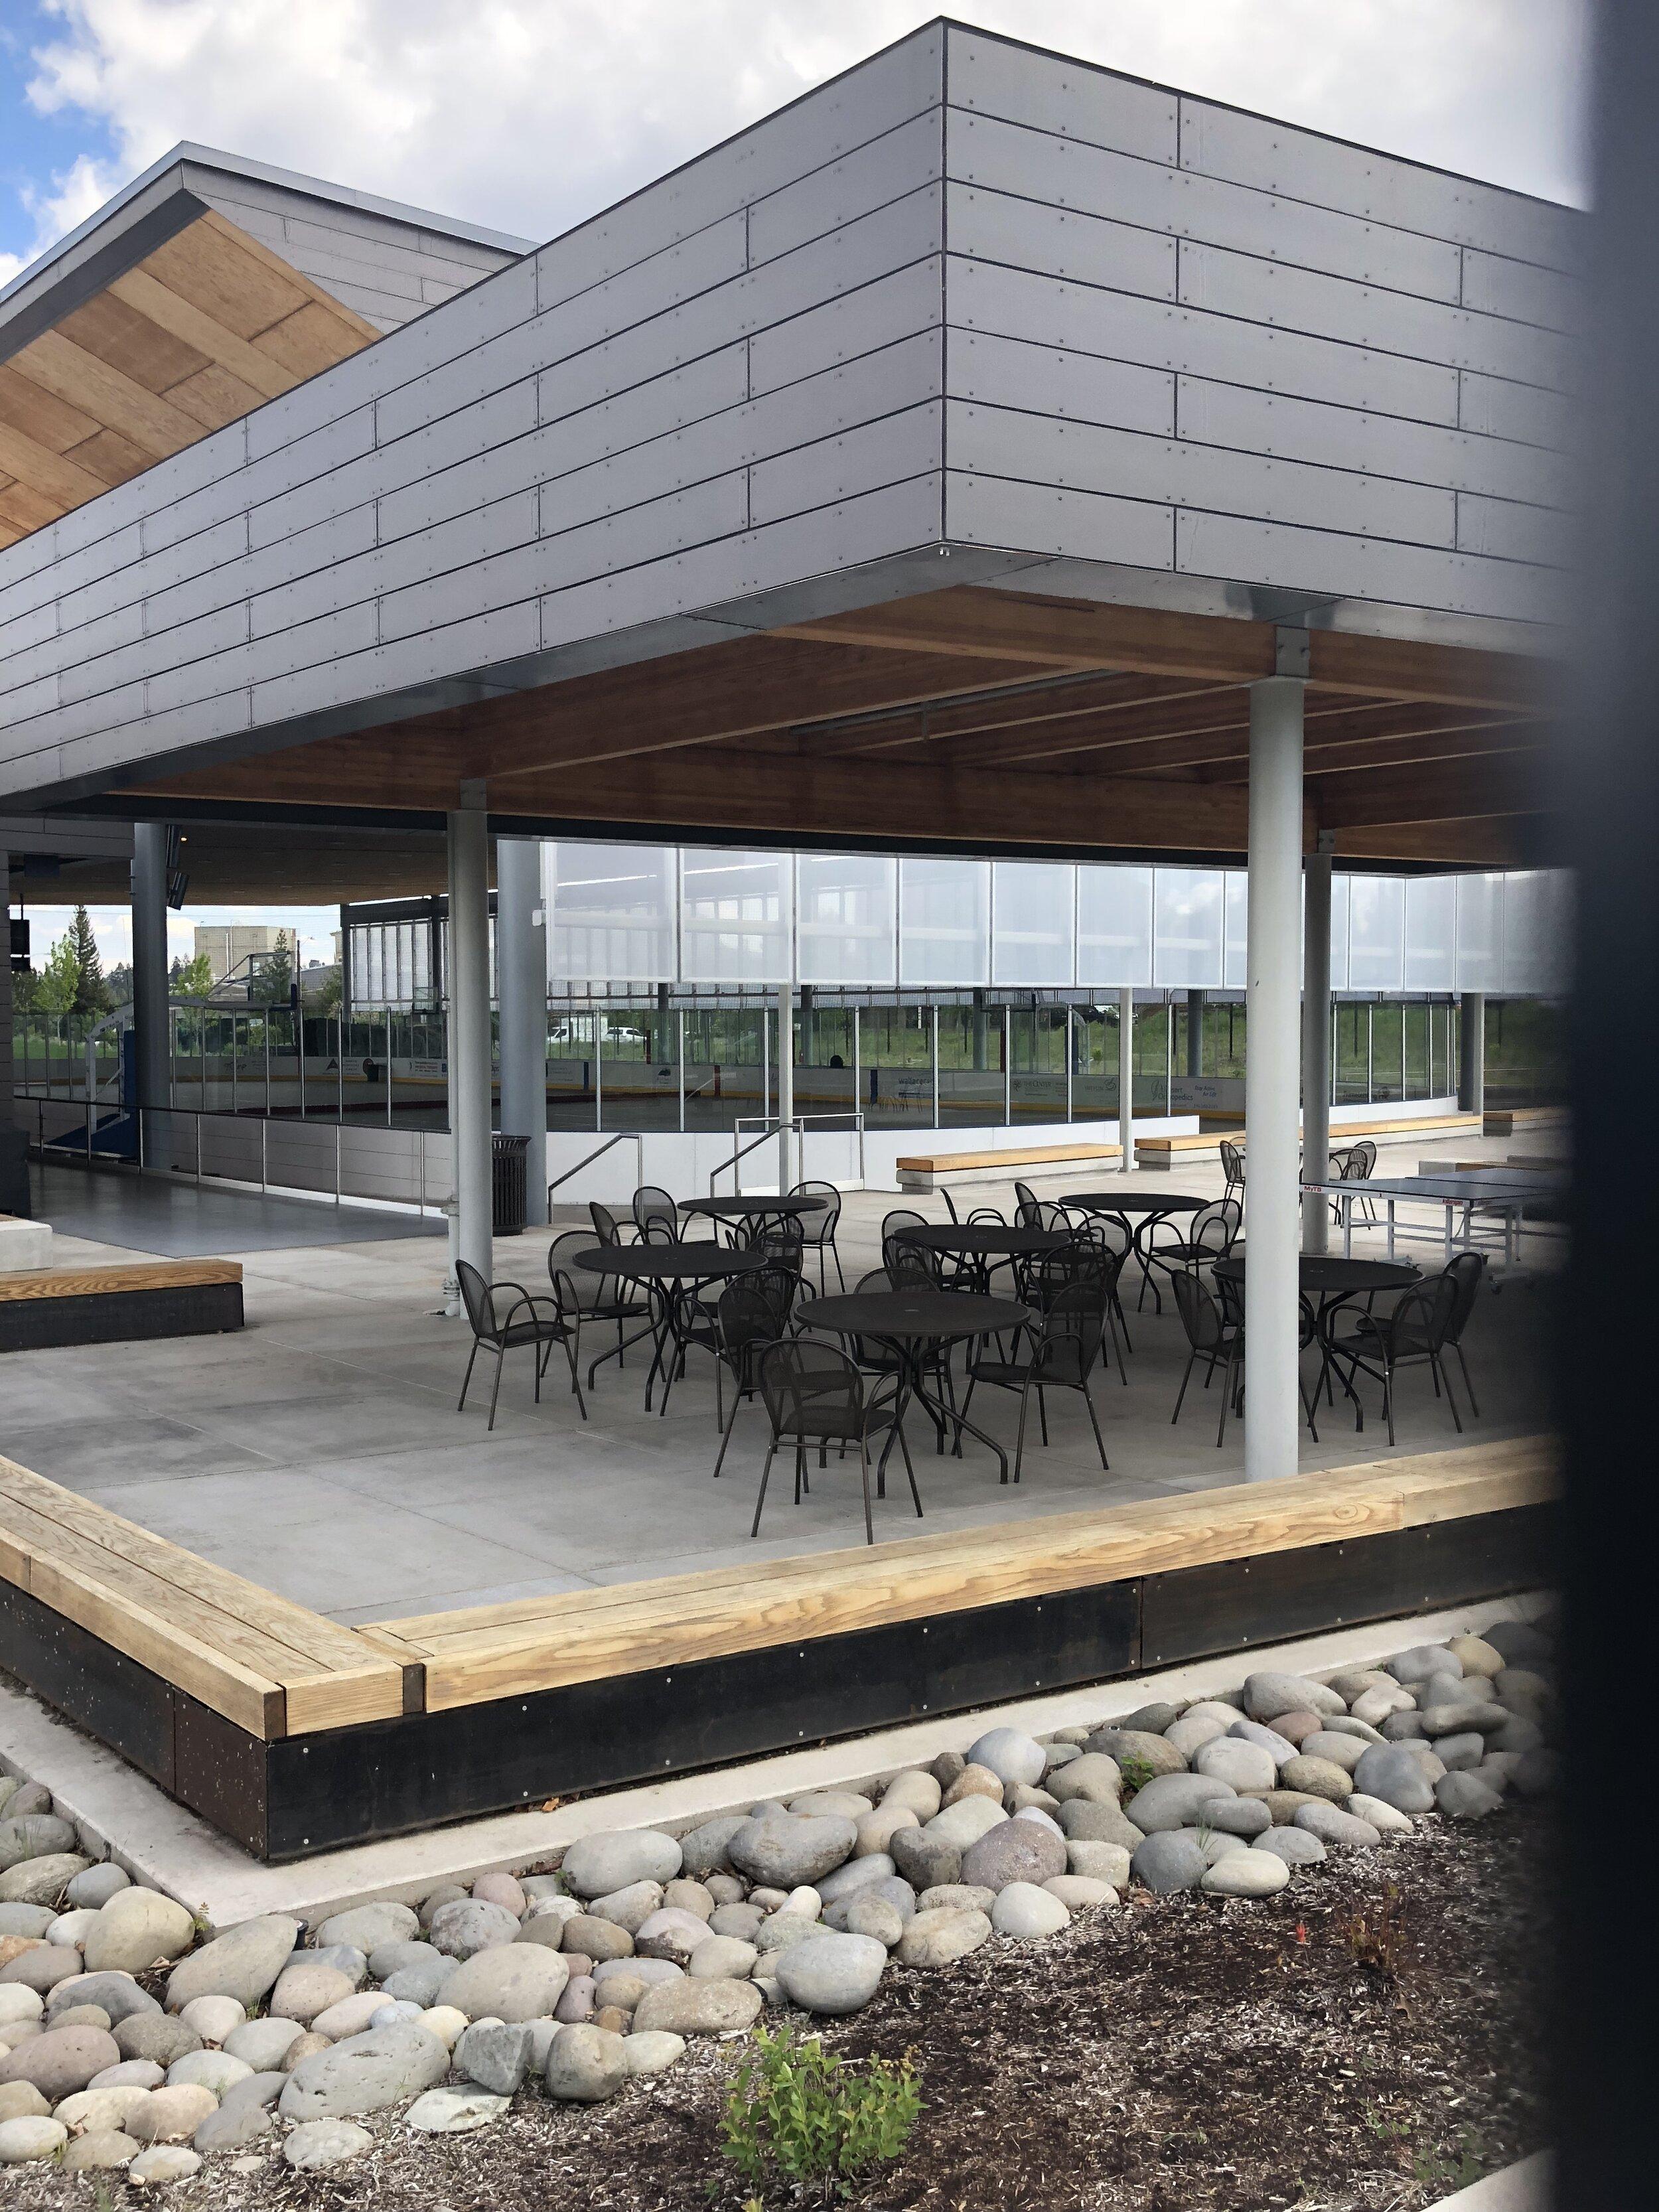 simpson_pavillion_outdoor_seating_area_stones.jpg